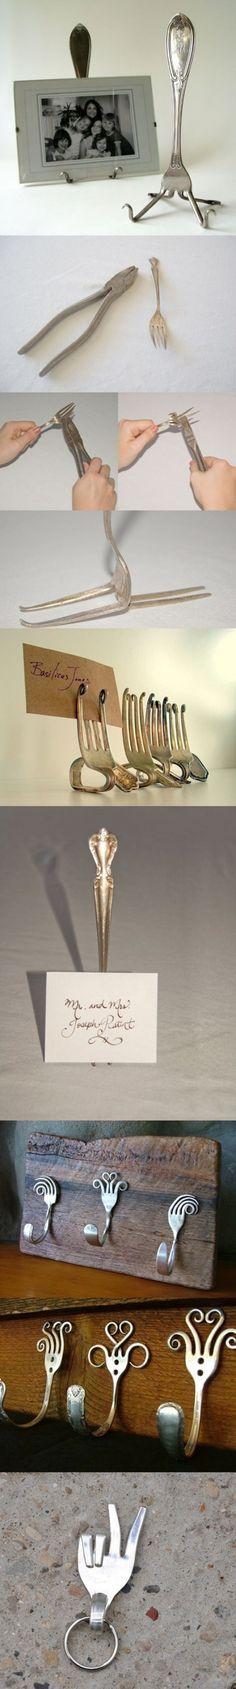 Inspirerend | Tip voor oude vorken? Vorken-opties